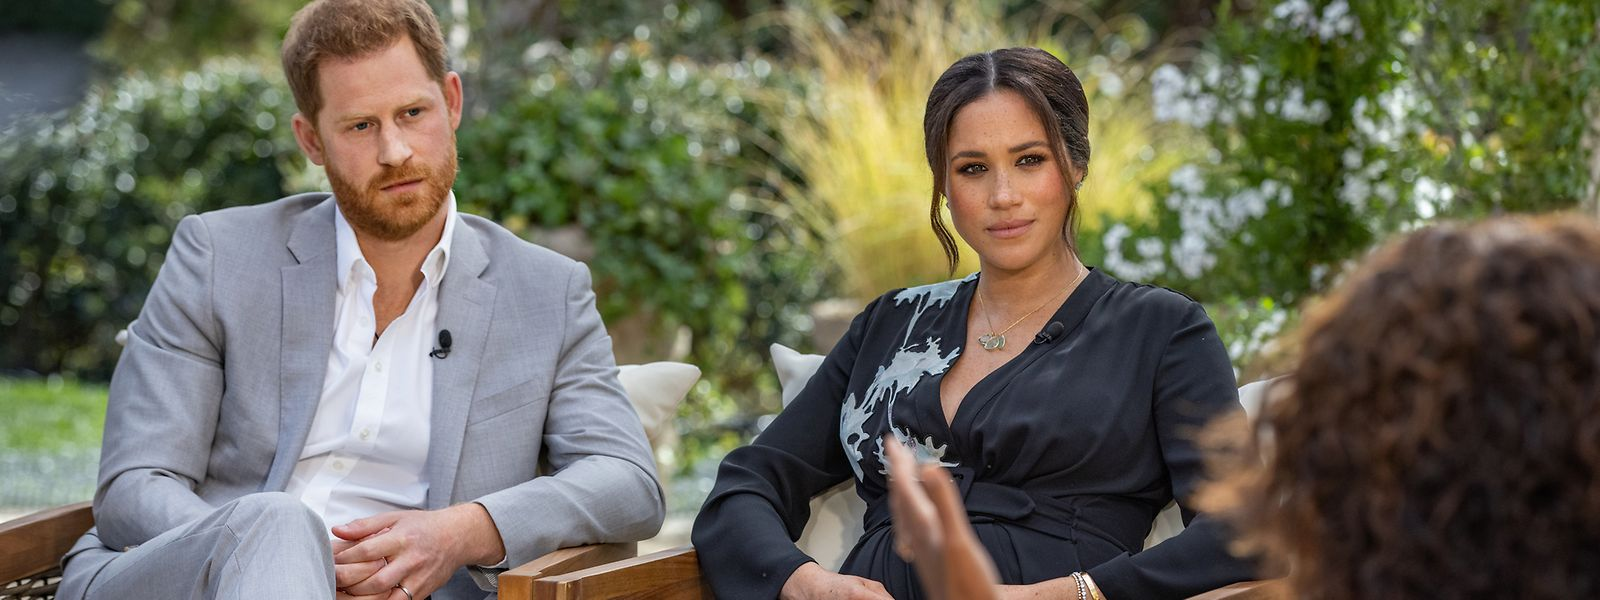 Die US-Starmoderatorin Oprah Winfrey (r) spricht während eines Interviews mit dem britischen Prinzen Harry und seiner Ehefrau Herzogin Meghan.